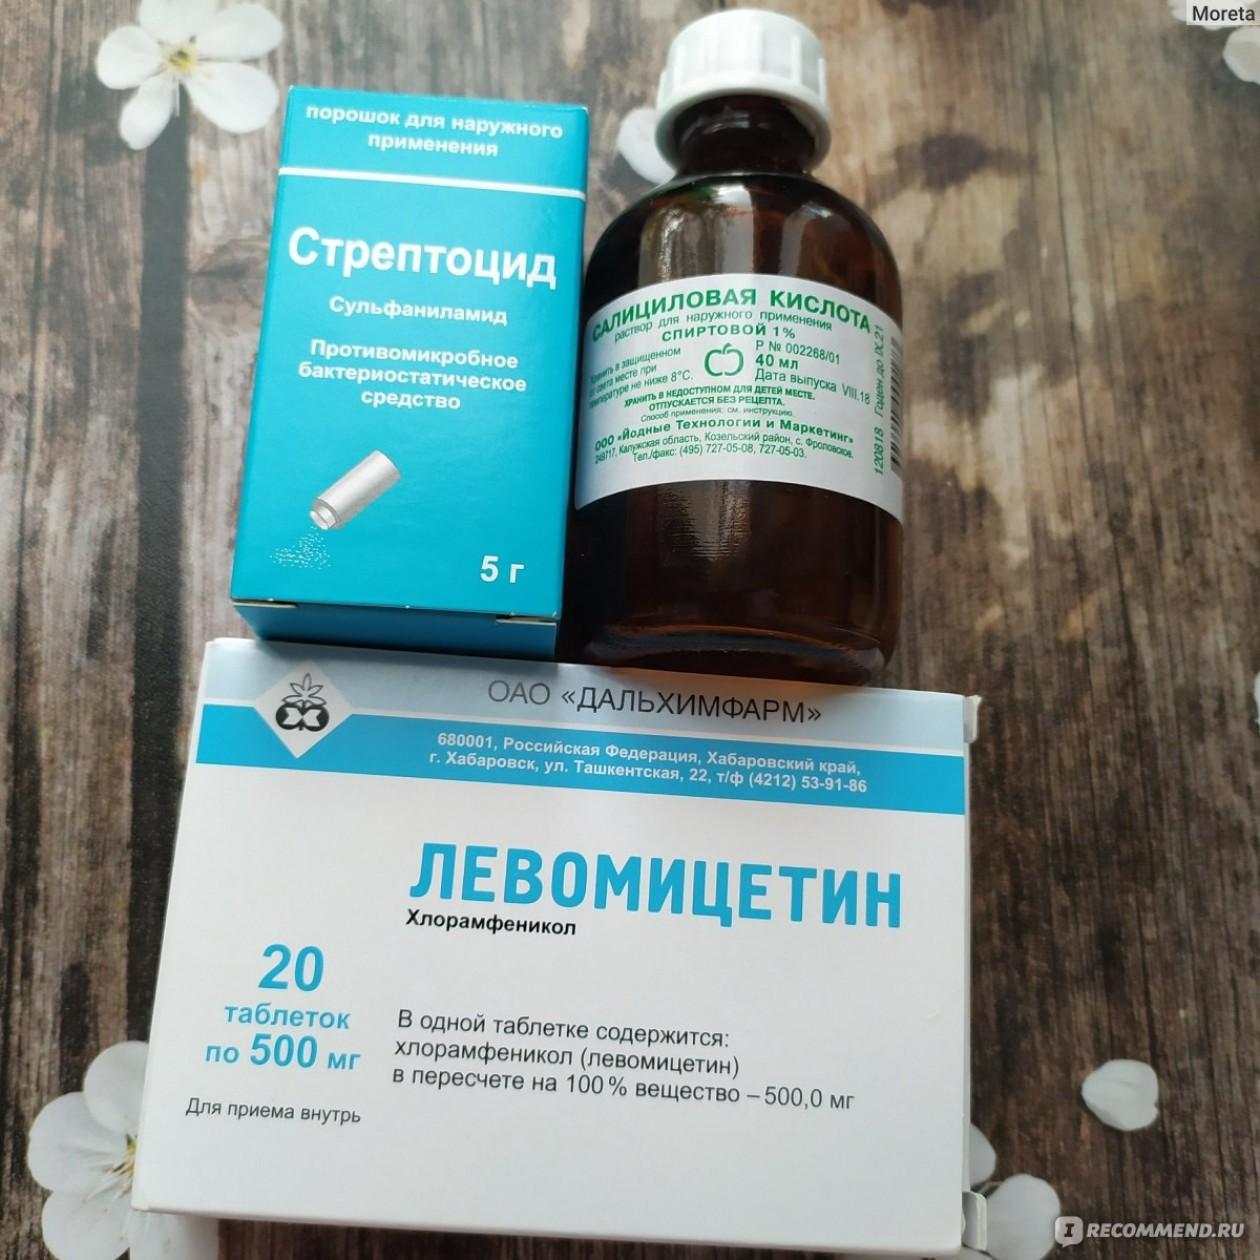 Свойства препарата